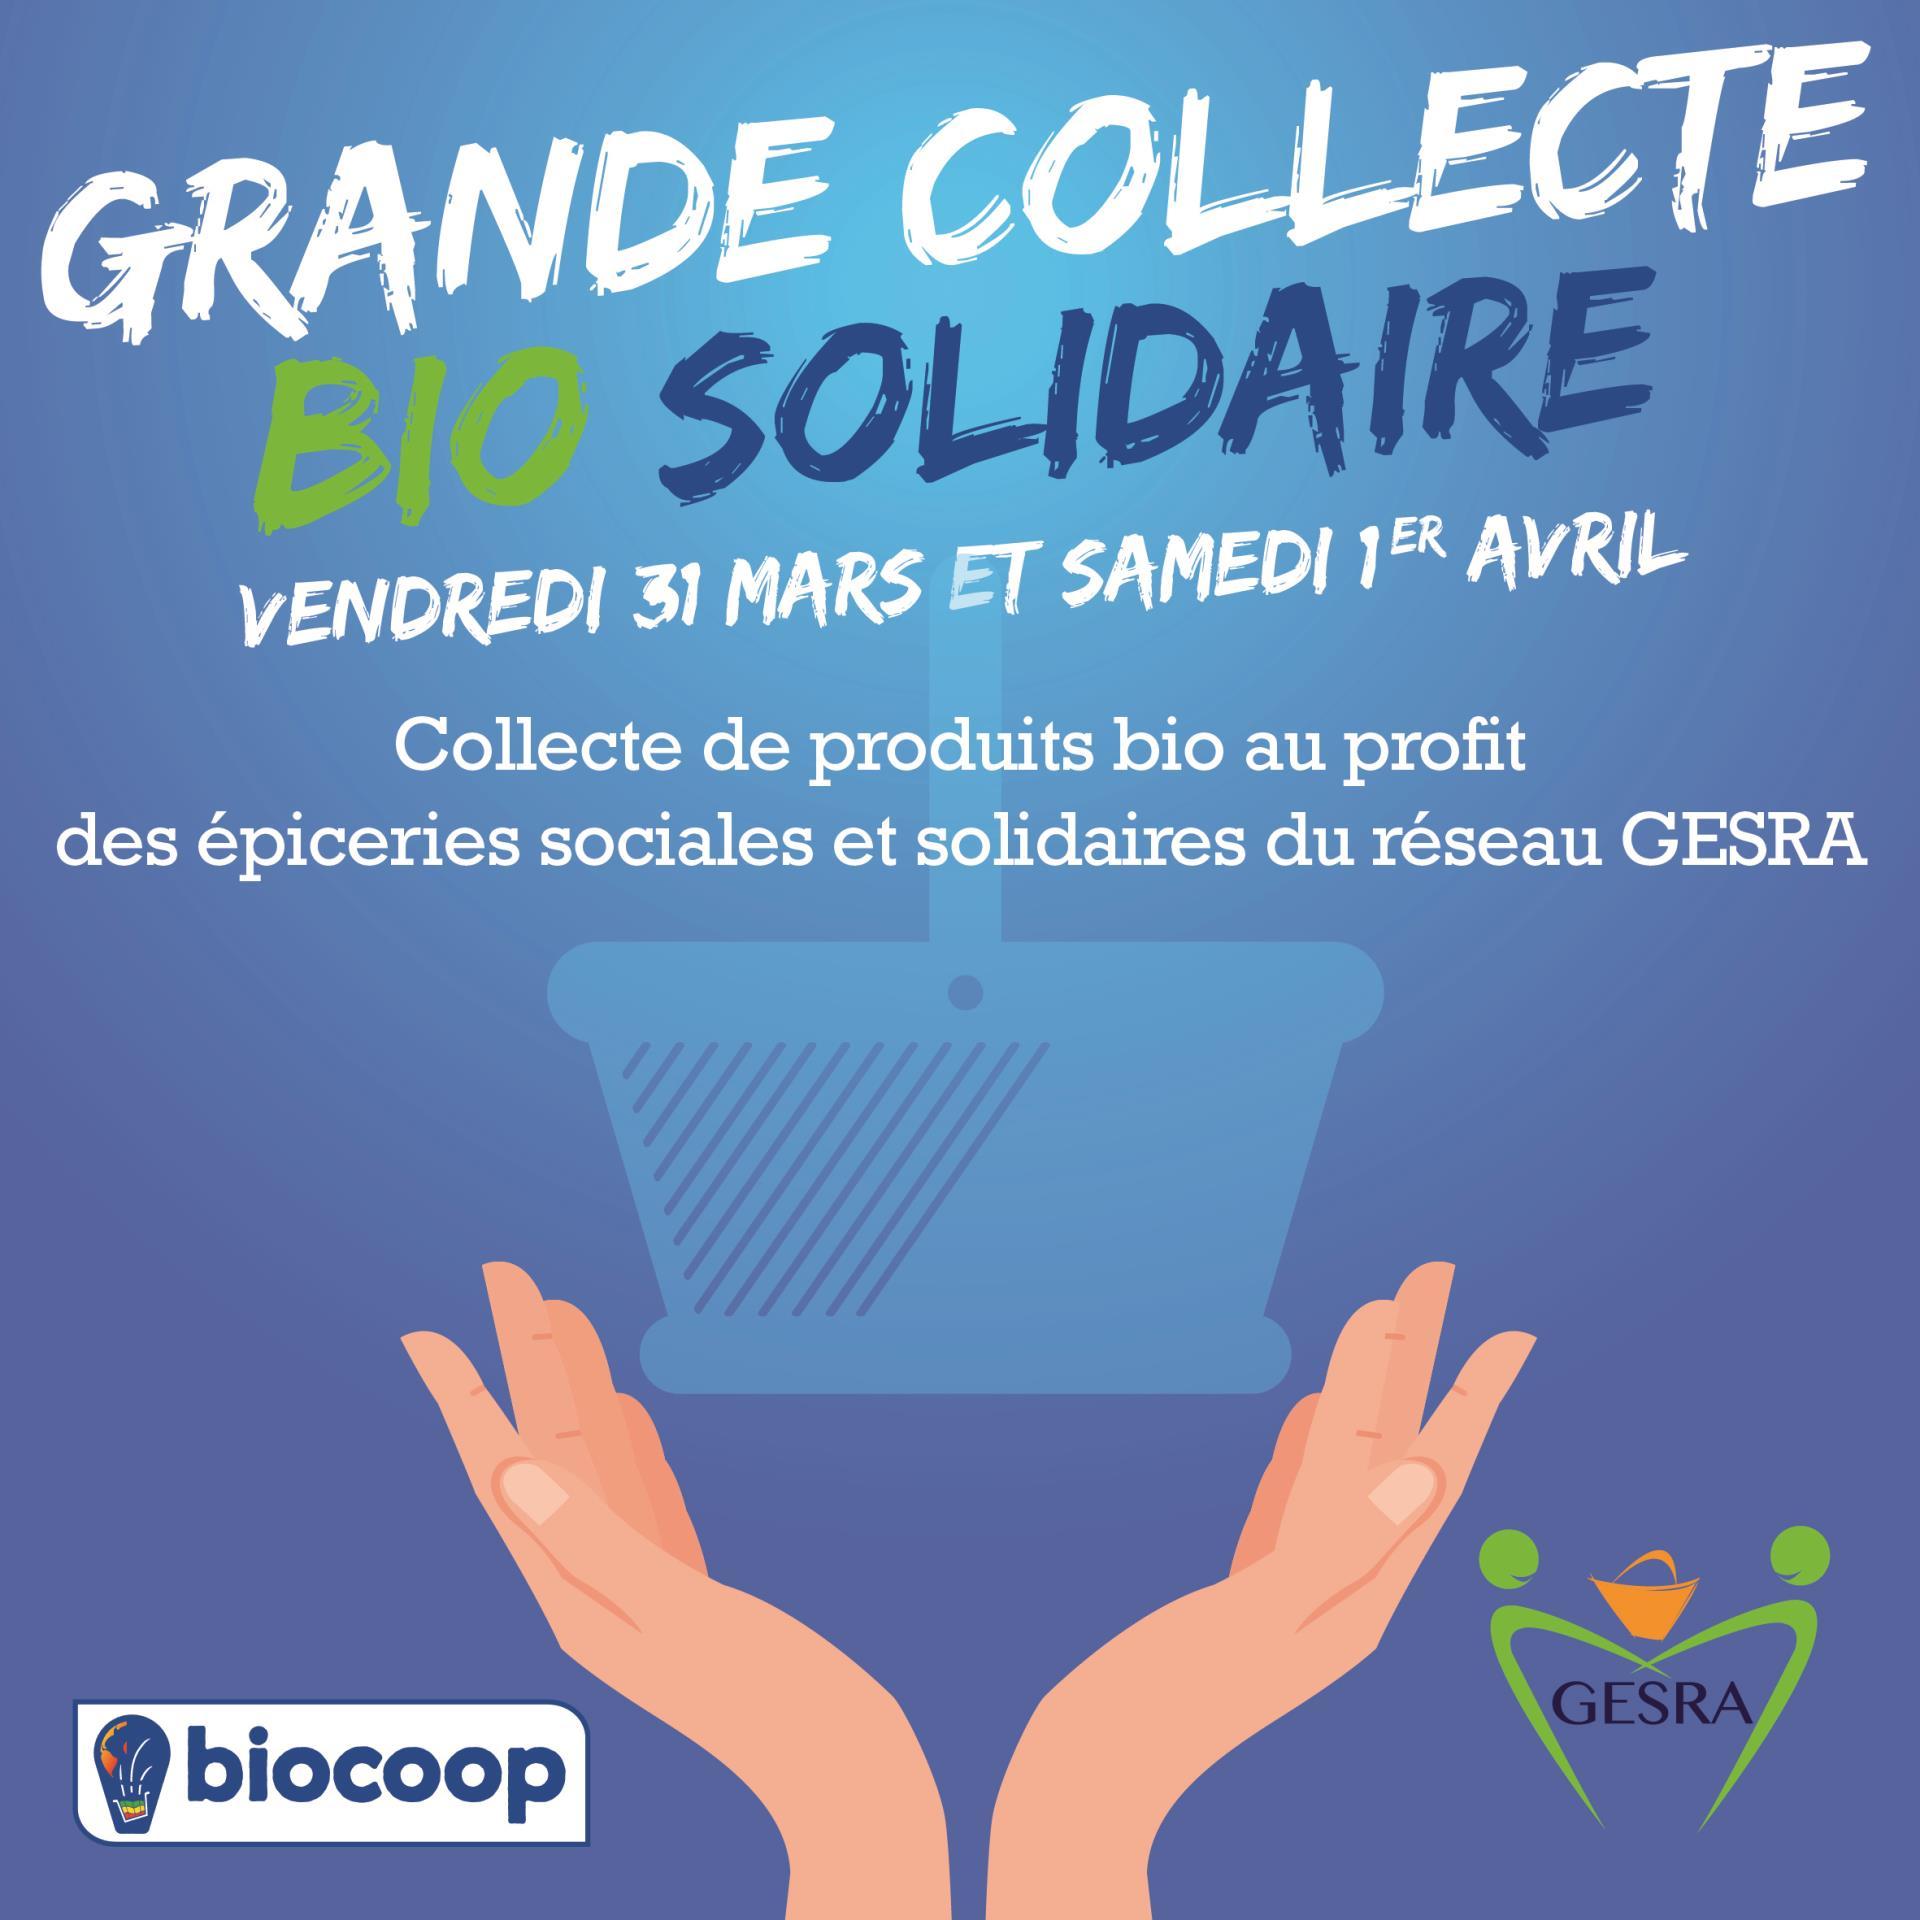 Grande collecte bio solidaire lyon - Collecte encombrants lyon ...